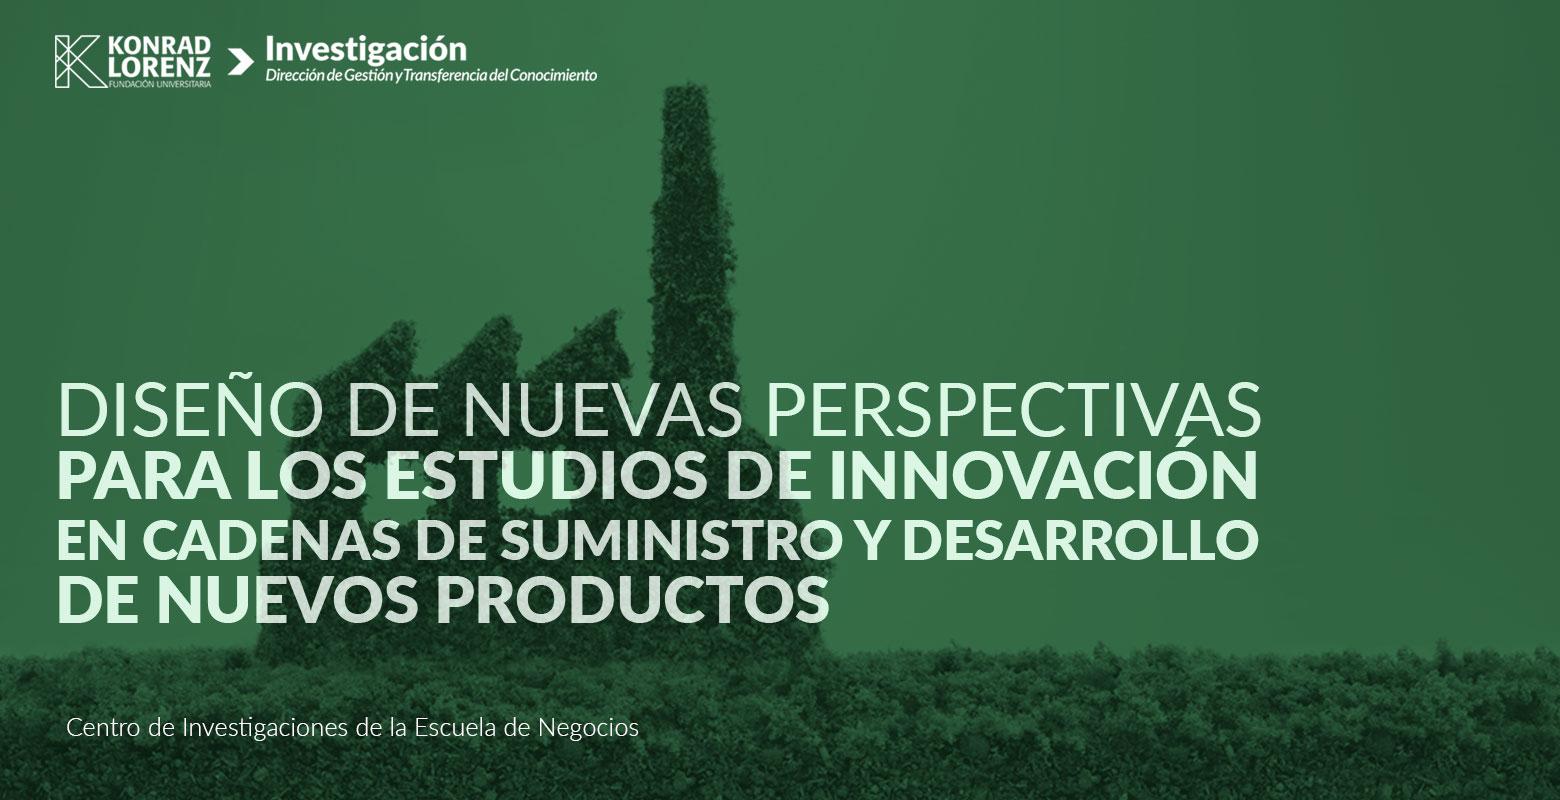 Diseño de nuevas perspectivas para los estudios de innovación en cadenas de suministro y desarrollo de nuevos productos